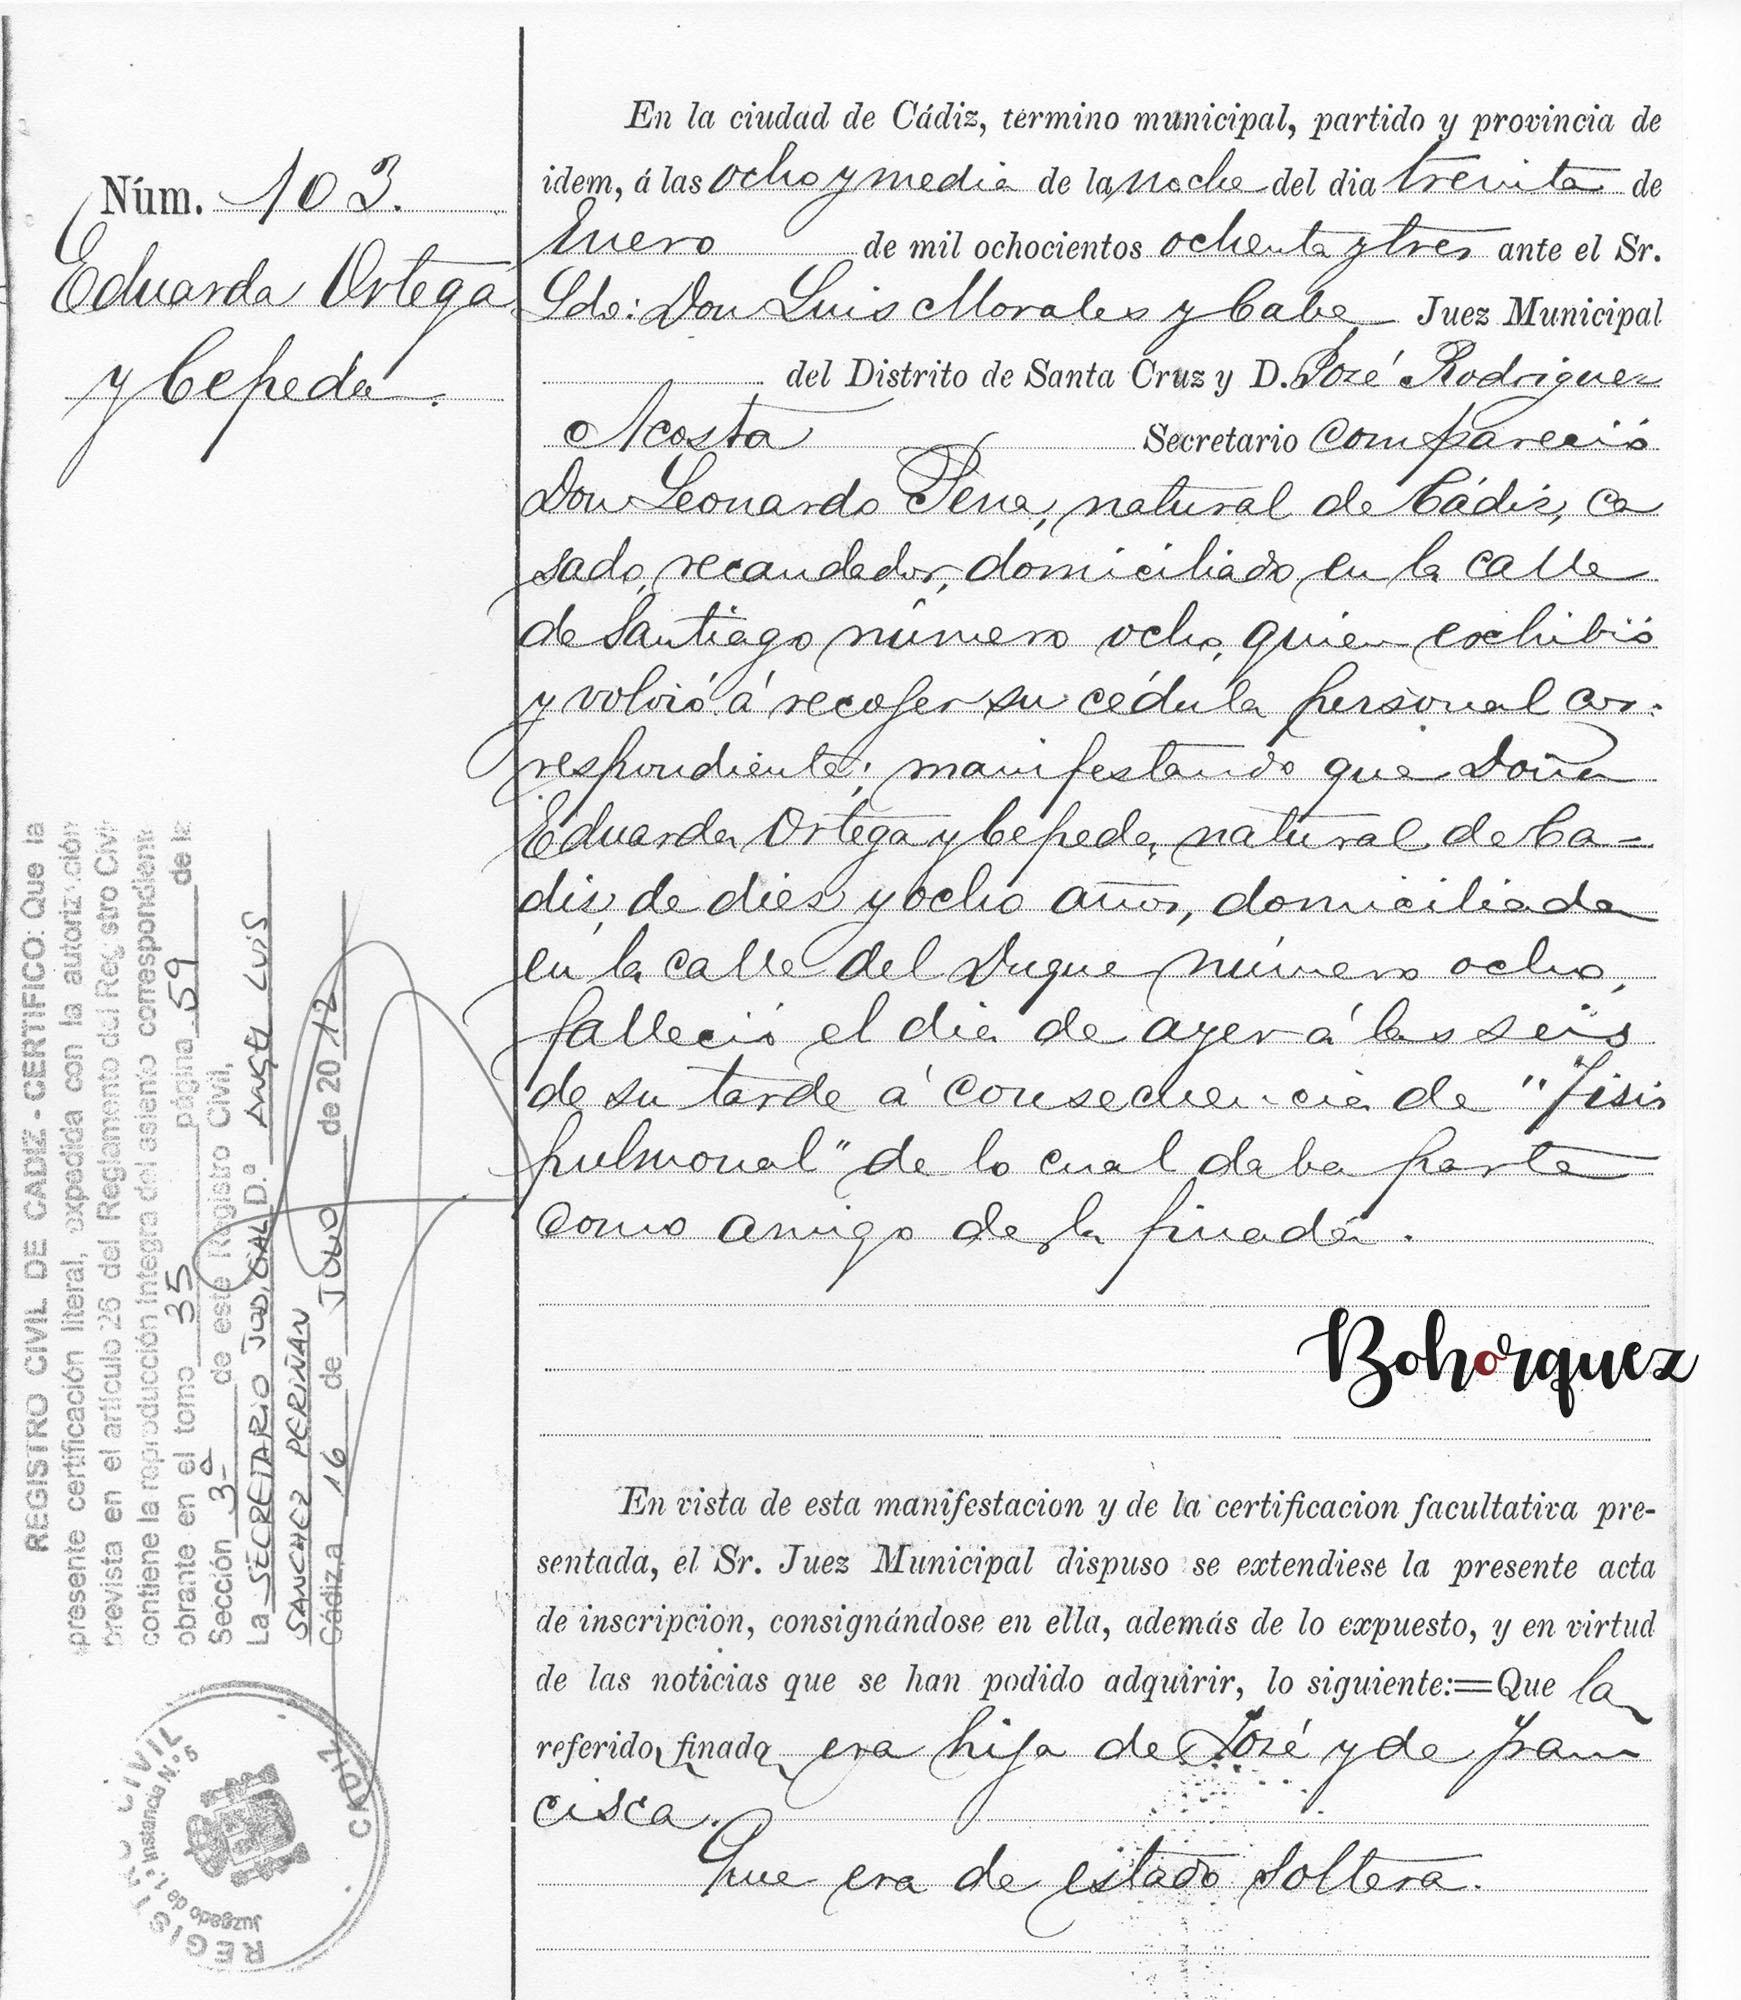 Partida de defunción de Eduarda Ortega Cepeda, hermana del Caoba. Archivo Bohórquez.